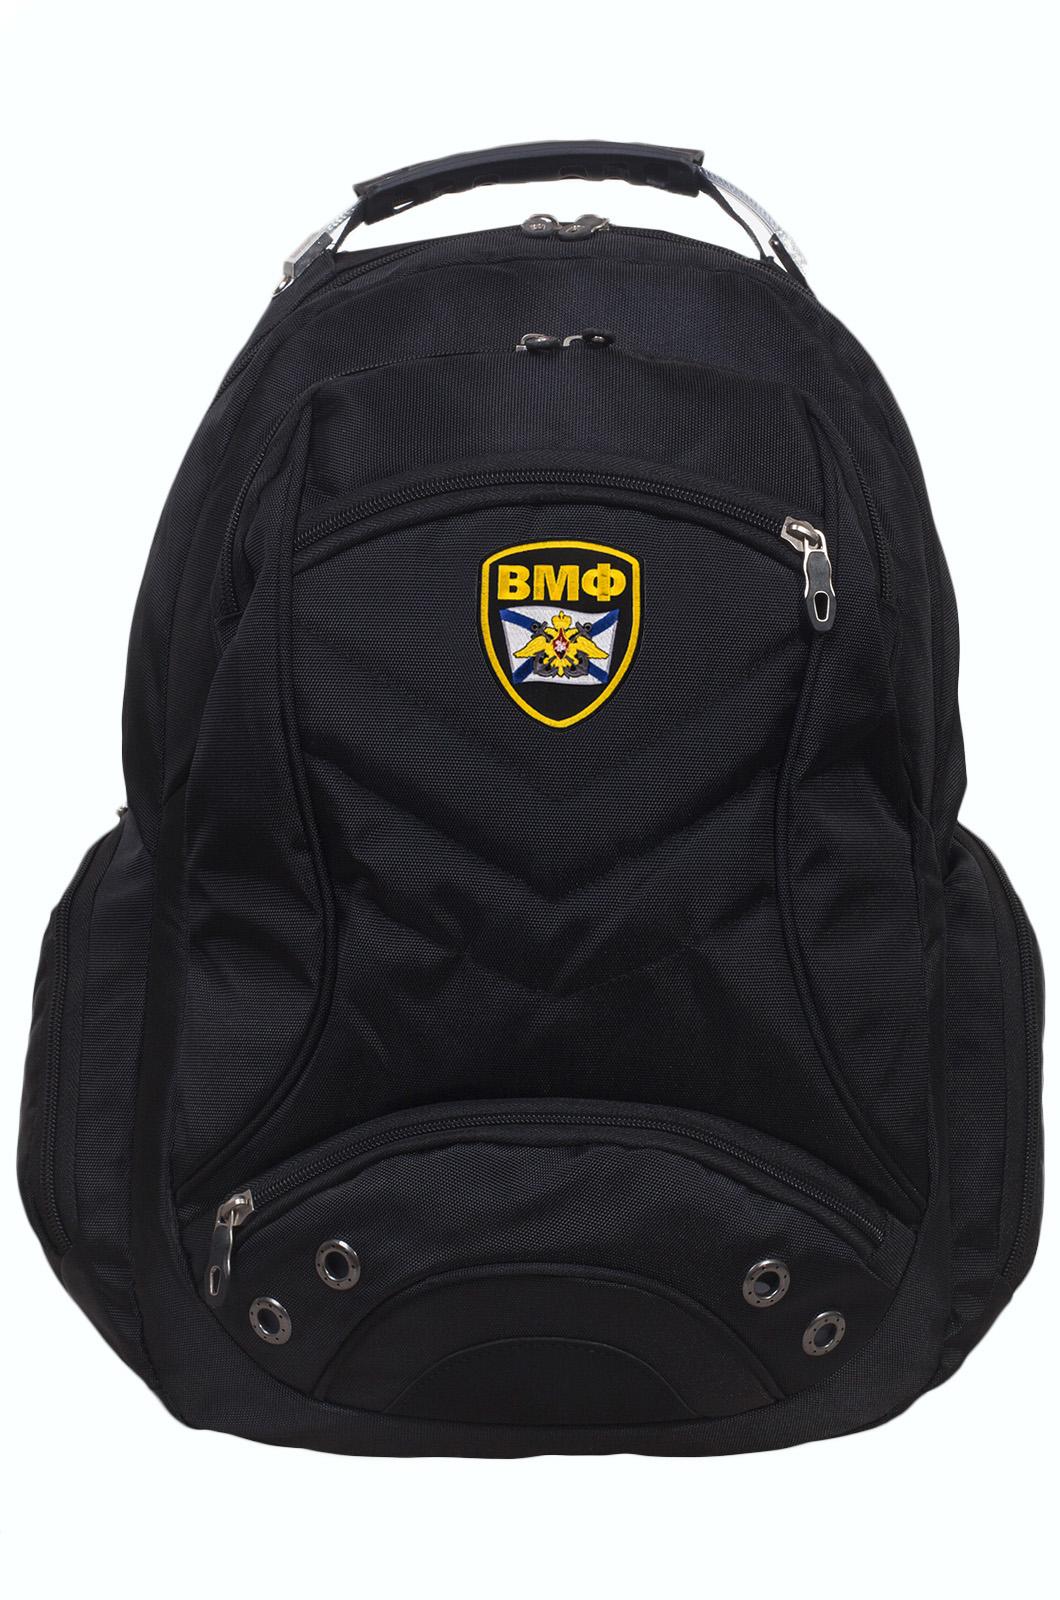 Функциональный черный рюкзак с шевроном ВМФ